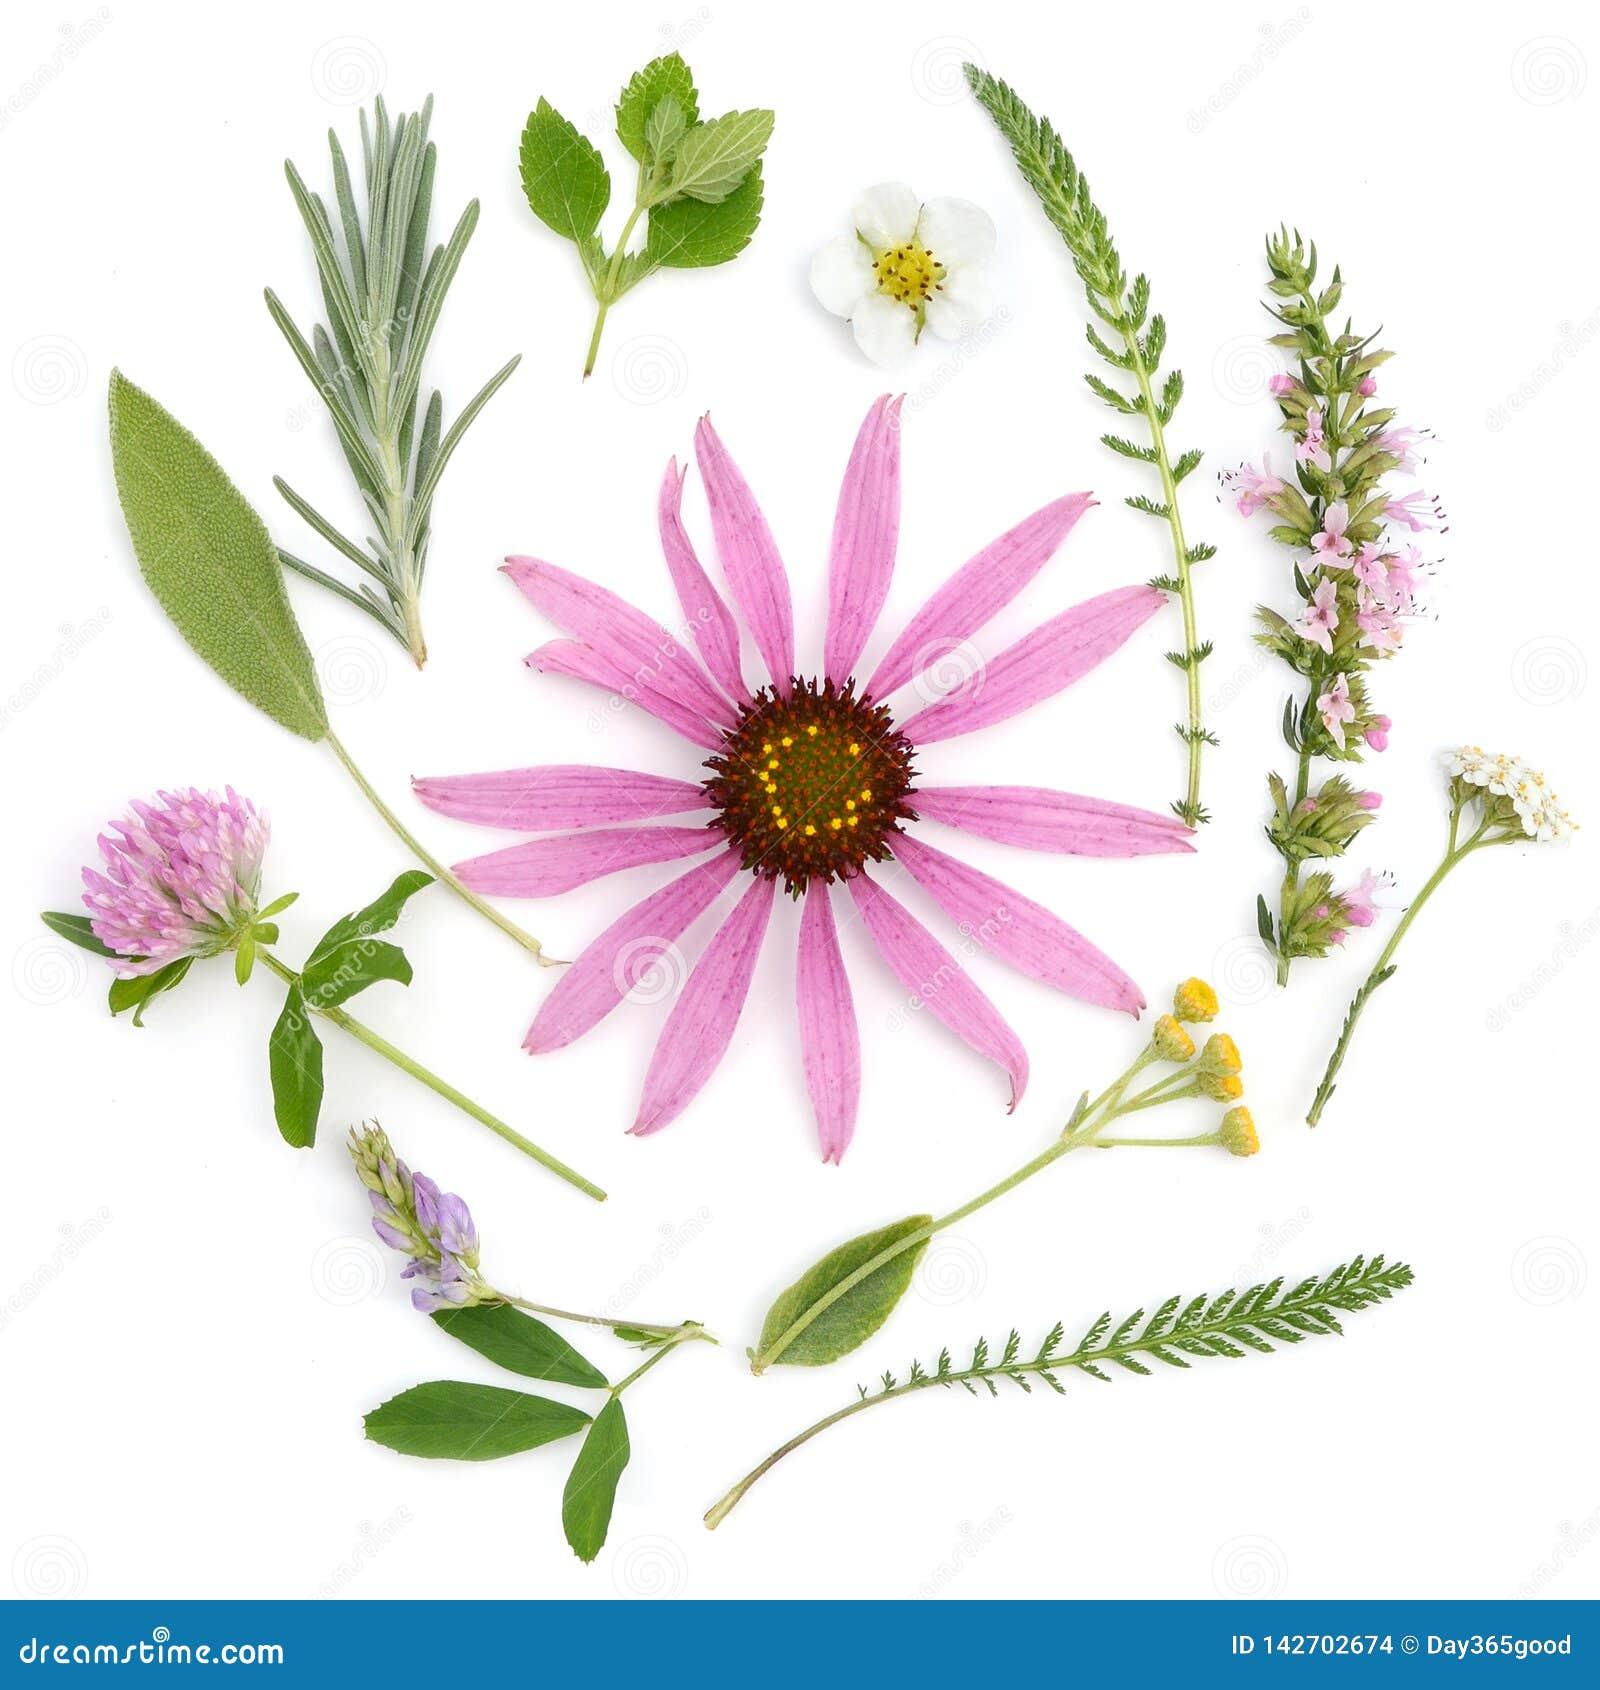 θεραπεύοντας χορτάρια Ανθοδέσμη ιατρικών εγκαταστάσεων και λουλουδιών του echinacea, τριφύλλι, yarrow, hyssop, φασκομηλιά, αλφάλφ